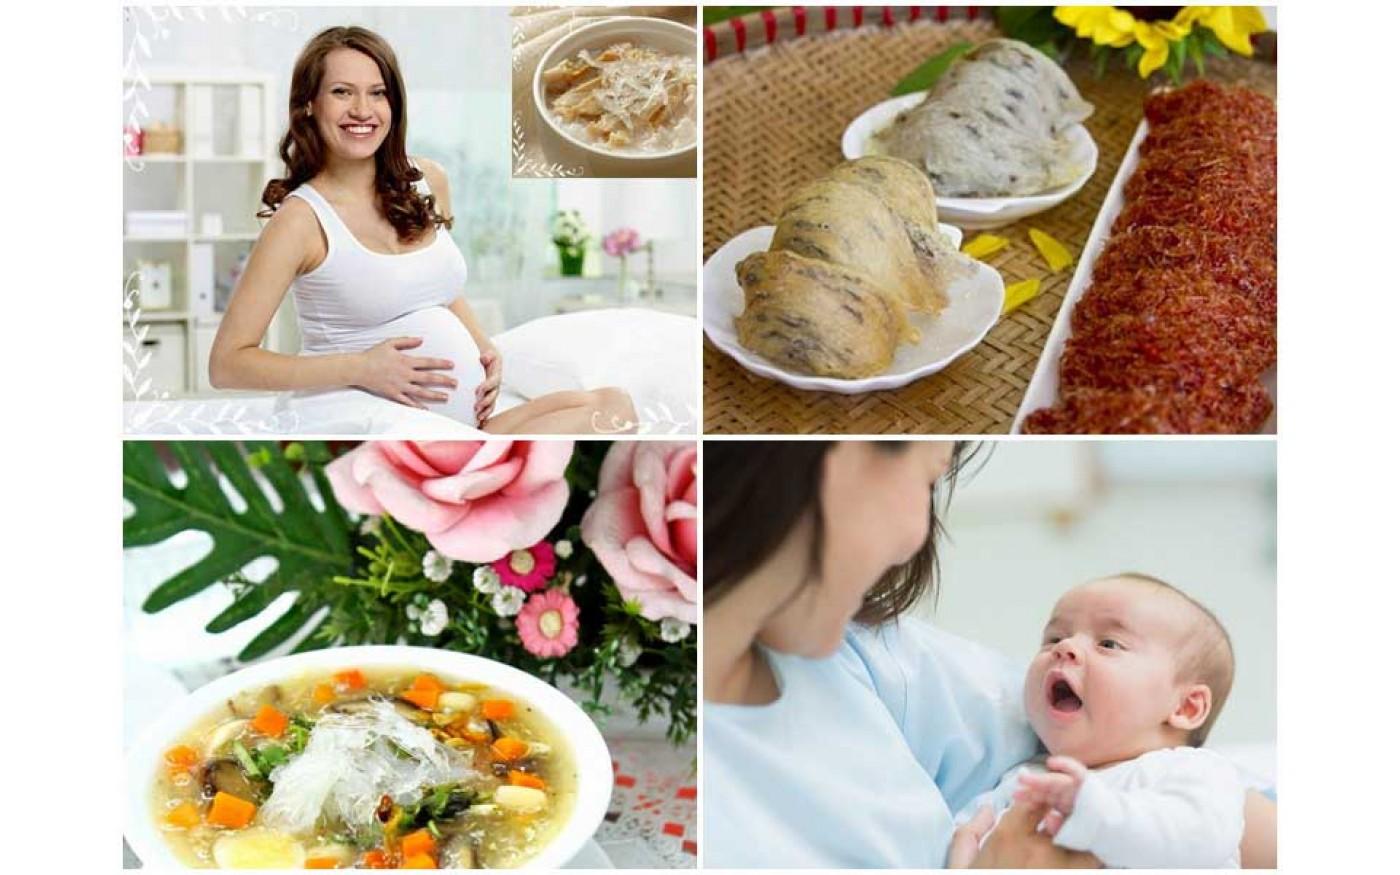 Cần đặc biệt lưu ý chế độ dinh dưỡng cho bà bầu trong tháng thứ 5